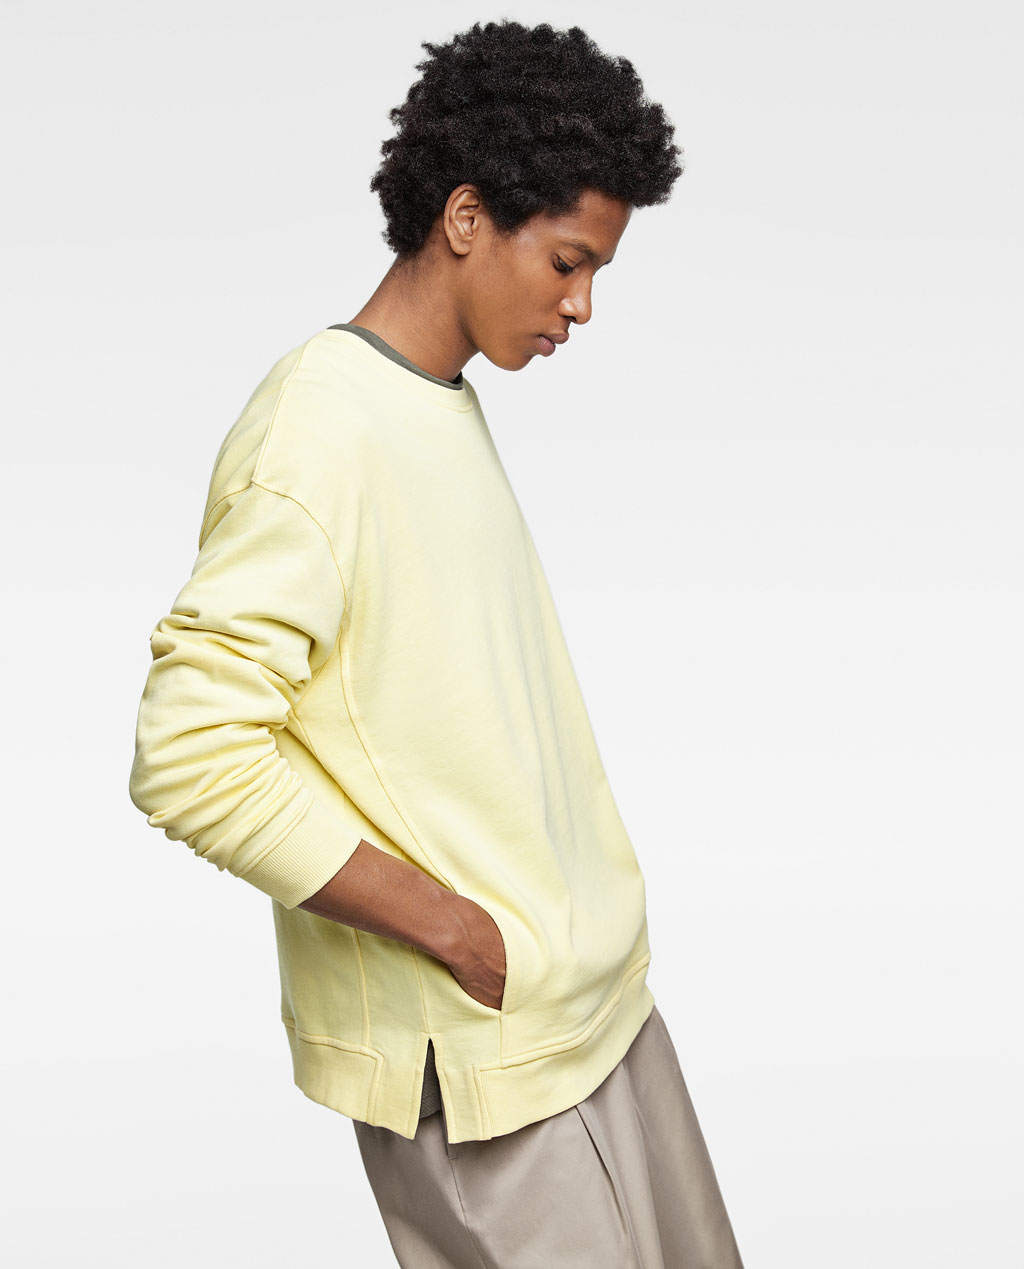 Thời trang nam Zara  24028 - ảnh 7